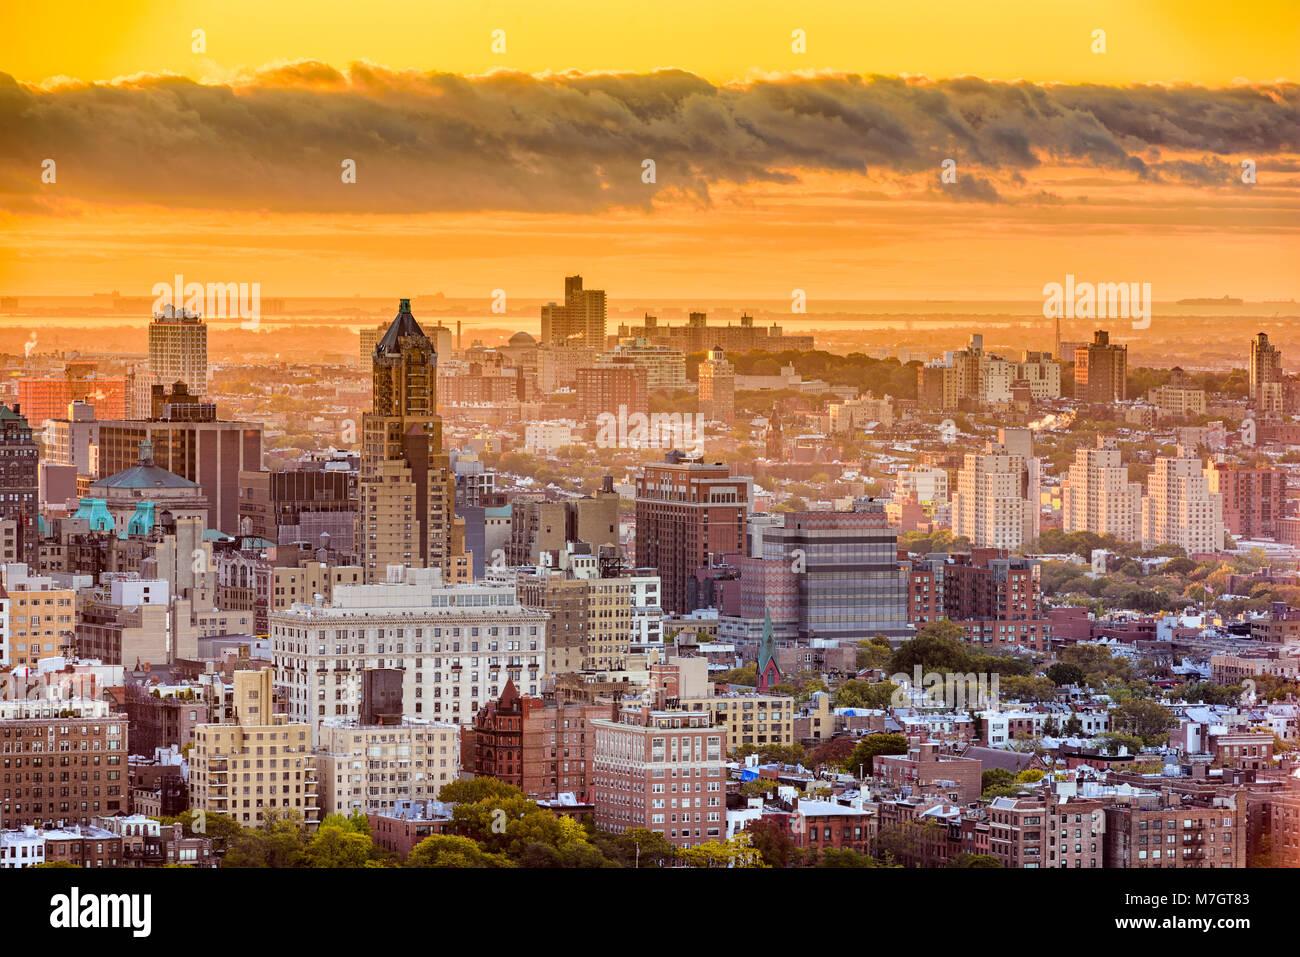 Brooklyn, New York, USA cityscape sur le centre-ville en fin d'après-midi. Photo Stock